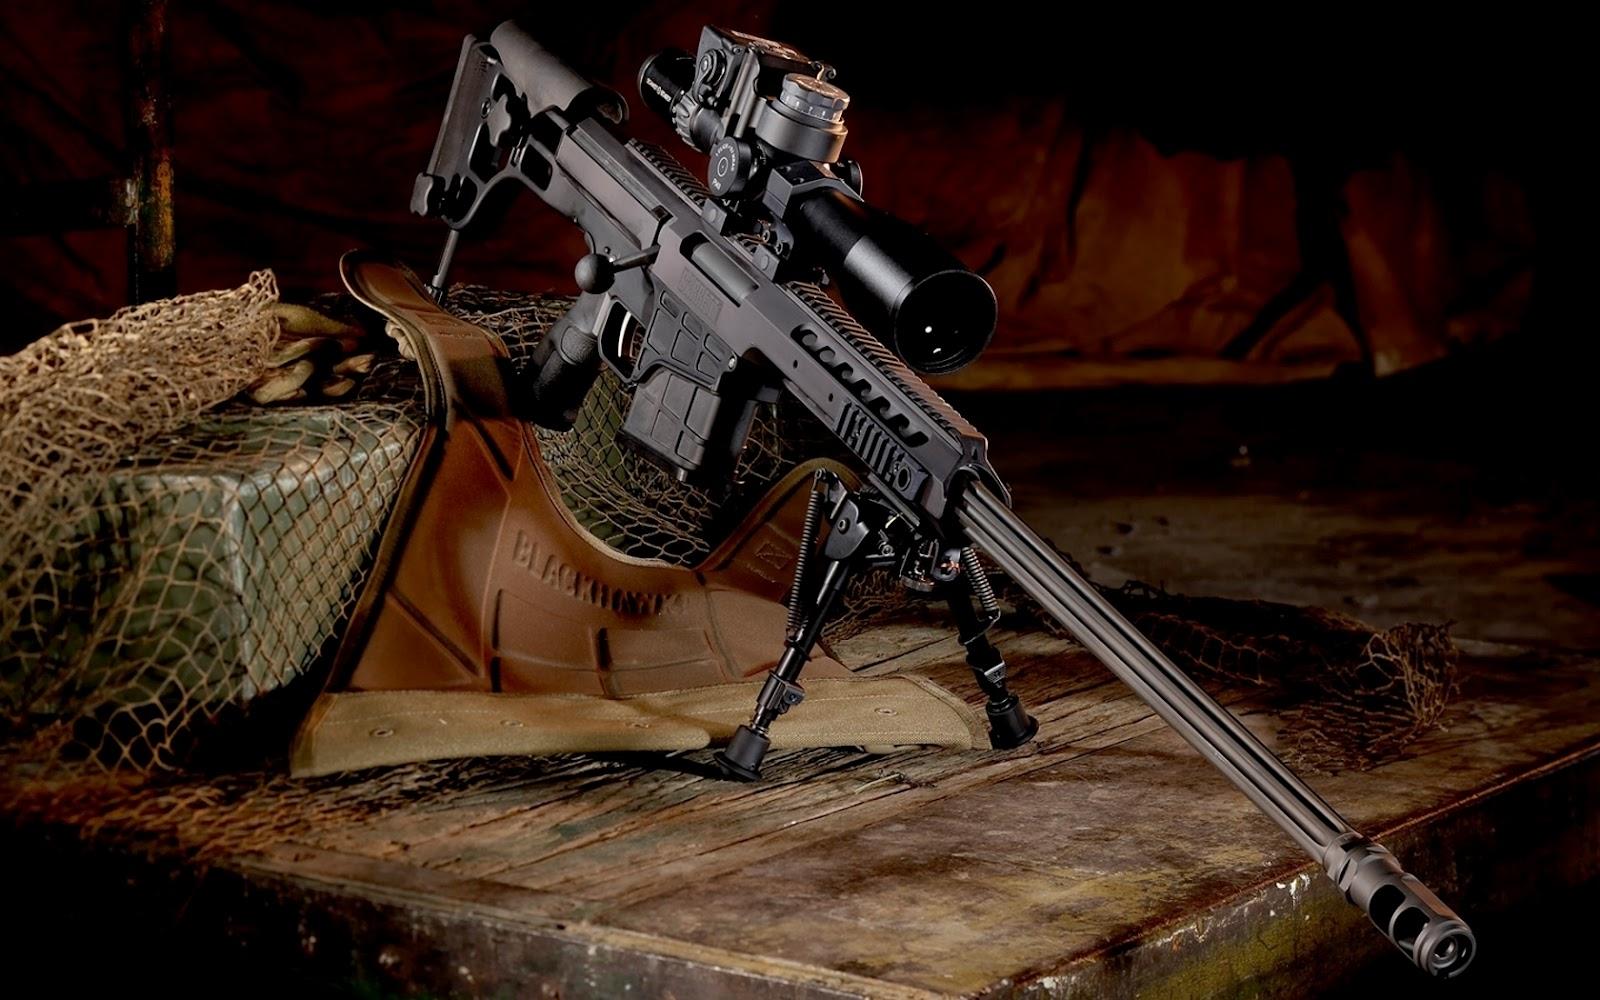 http://3.bp.blogspot.com/-vQx2sex1kCs/UGYTNcYONGI/AAAAAAAABjg/iOhNio5oTYM/s1600/Stunning-Guns-Wallpapers+%283%29.jpg